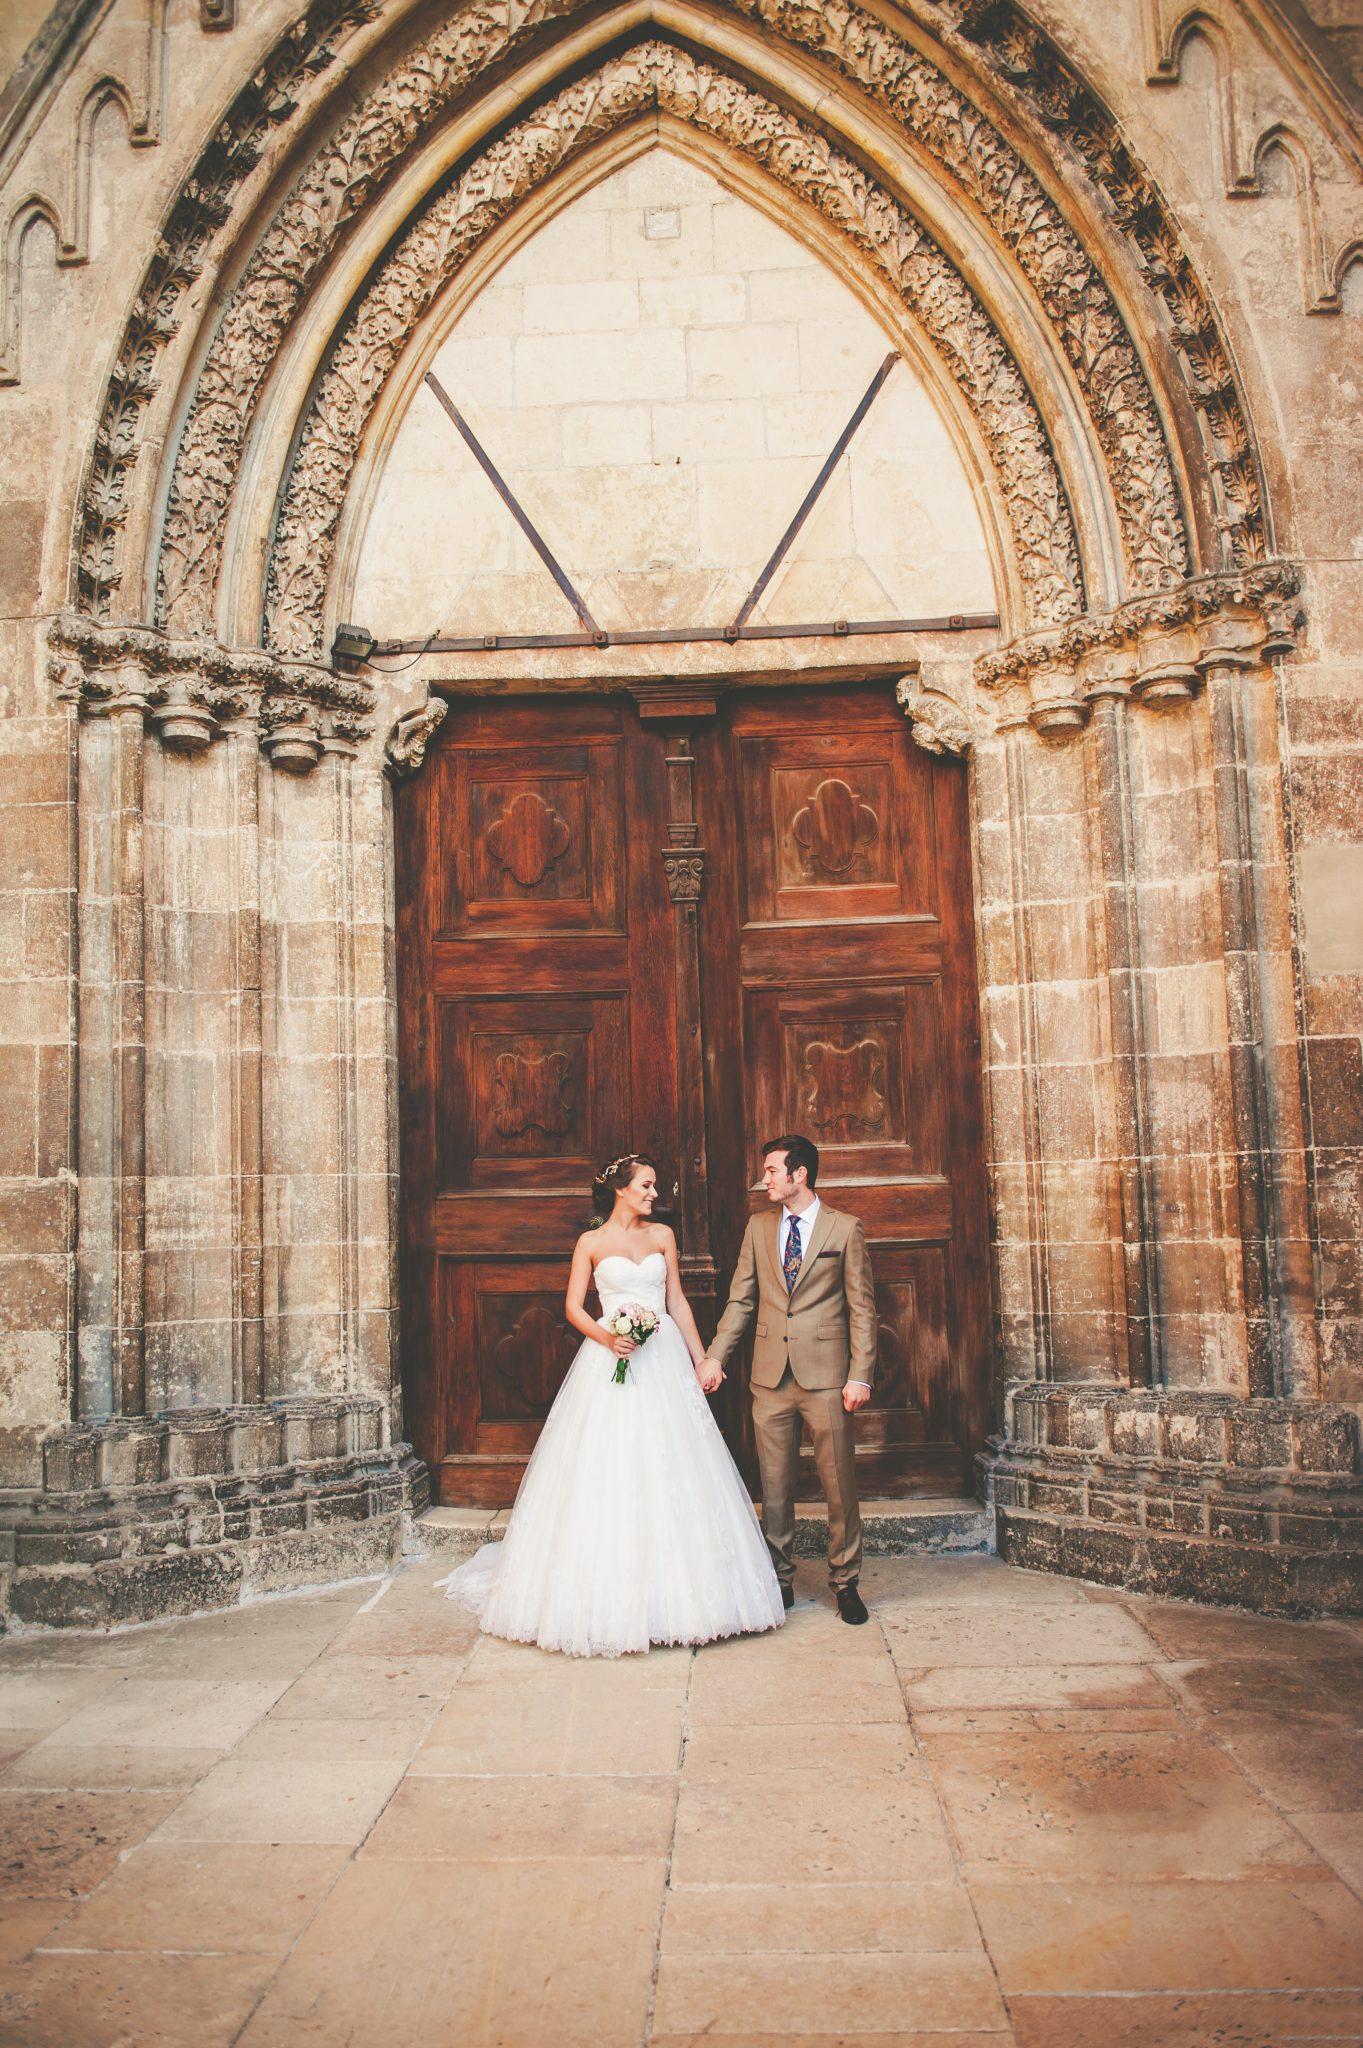 Raluca si George foto nunta IntuitivArt 7042